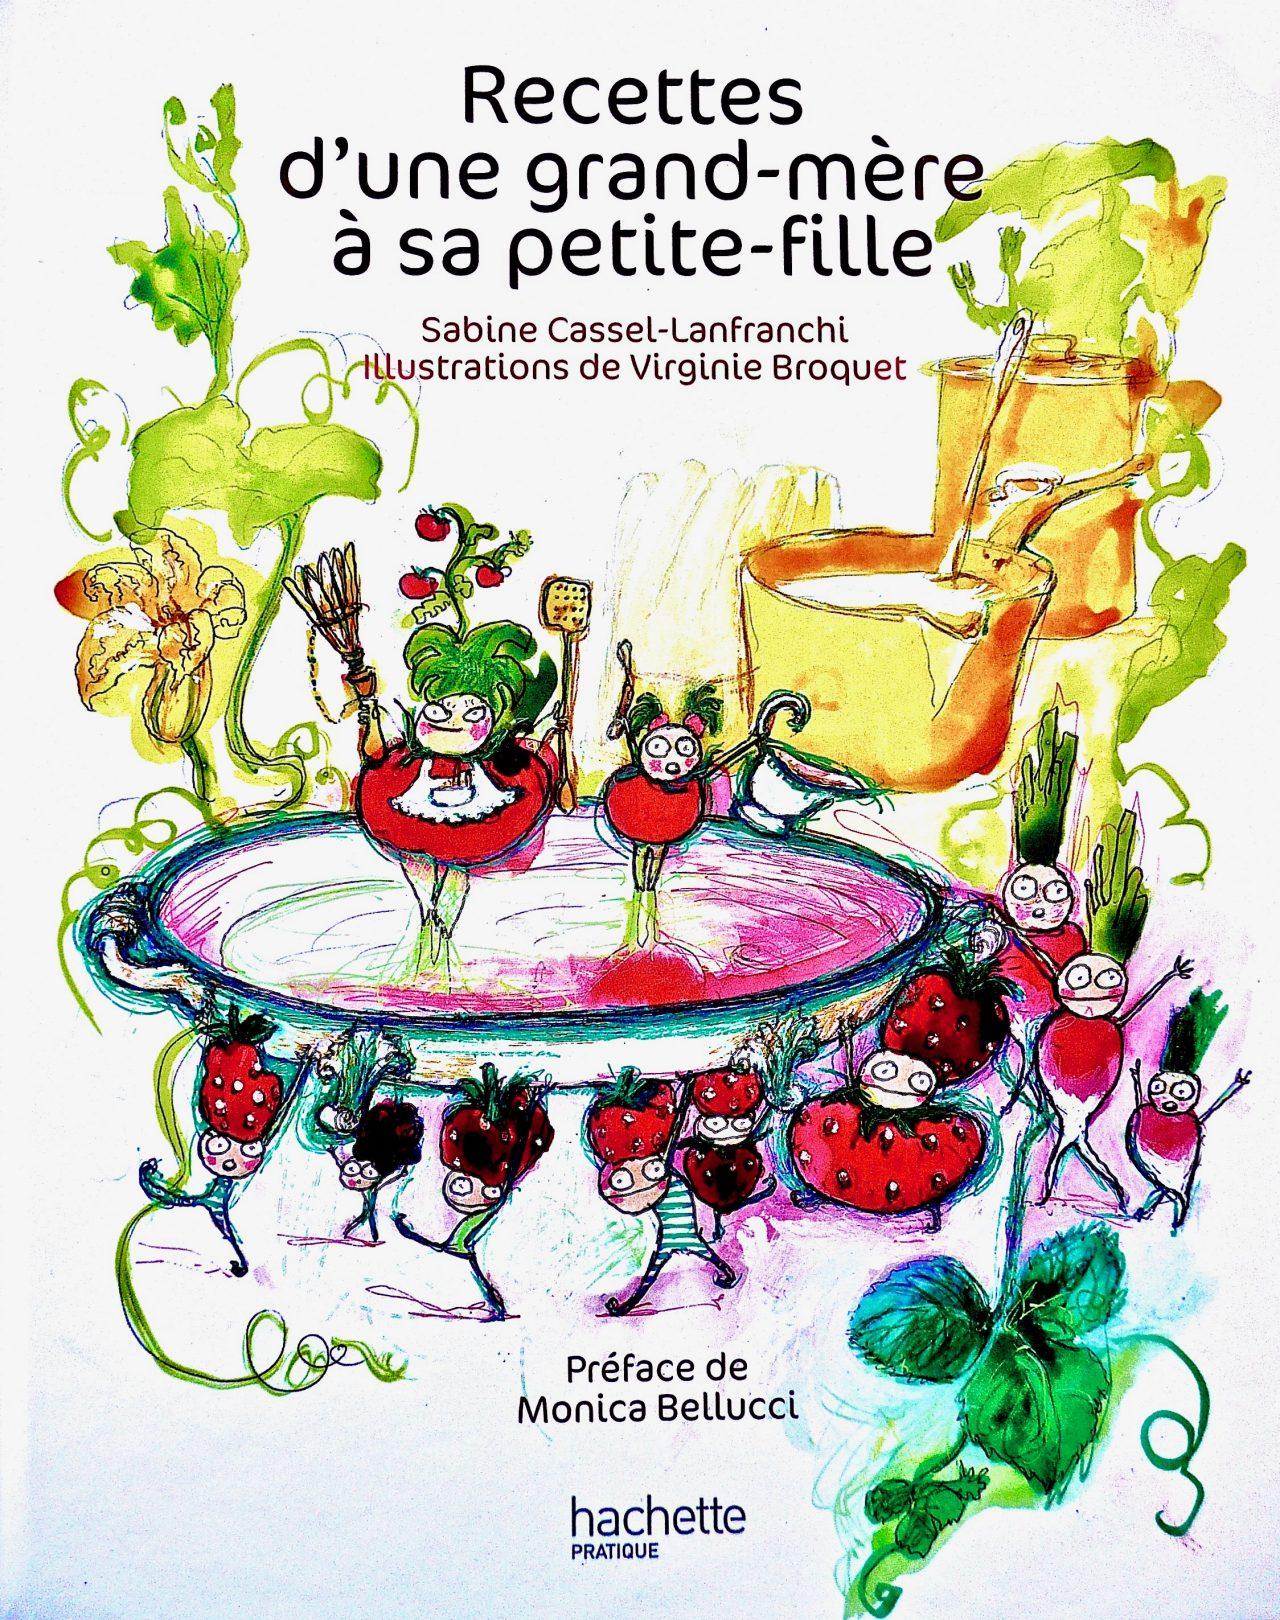 3 Recettes d'une grand-mère à sa petite-fille, éditions Hachette, 2009